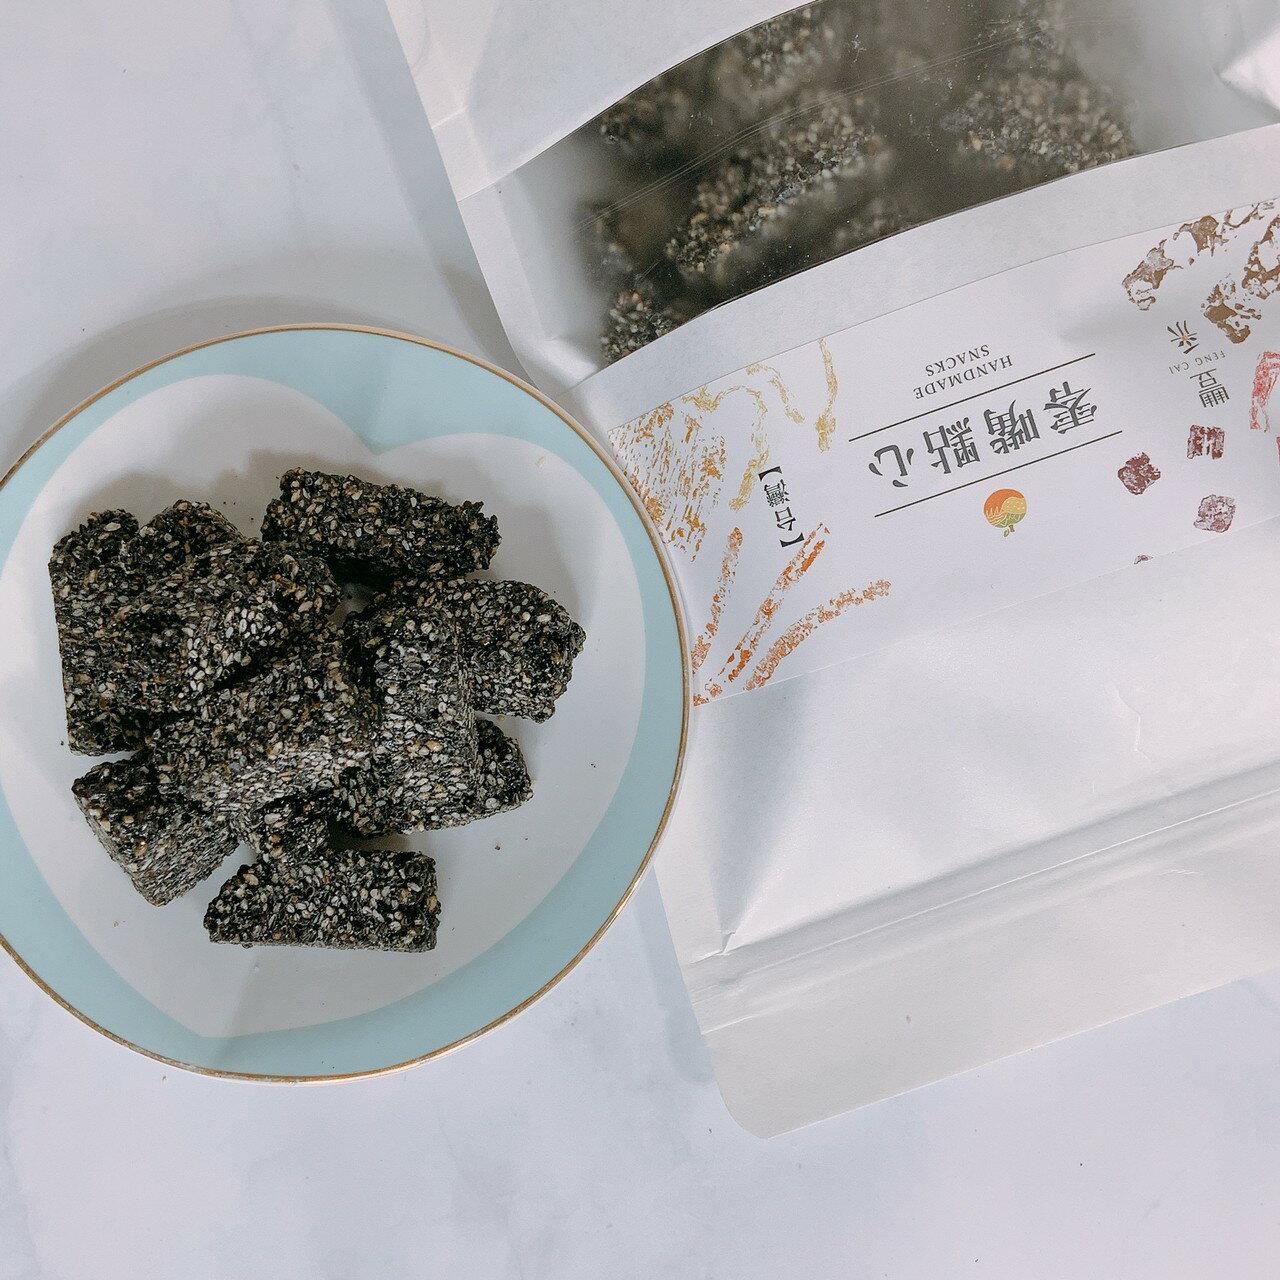 【豐采】芝麻糖300g 芝麻酥 黑芝麻